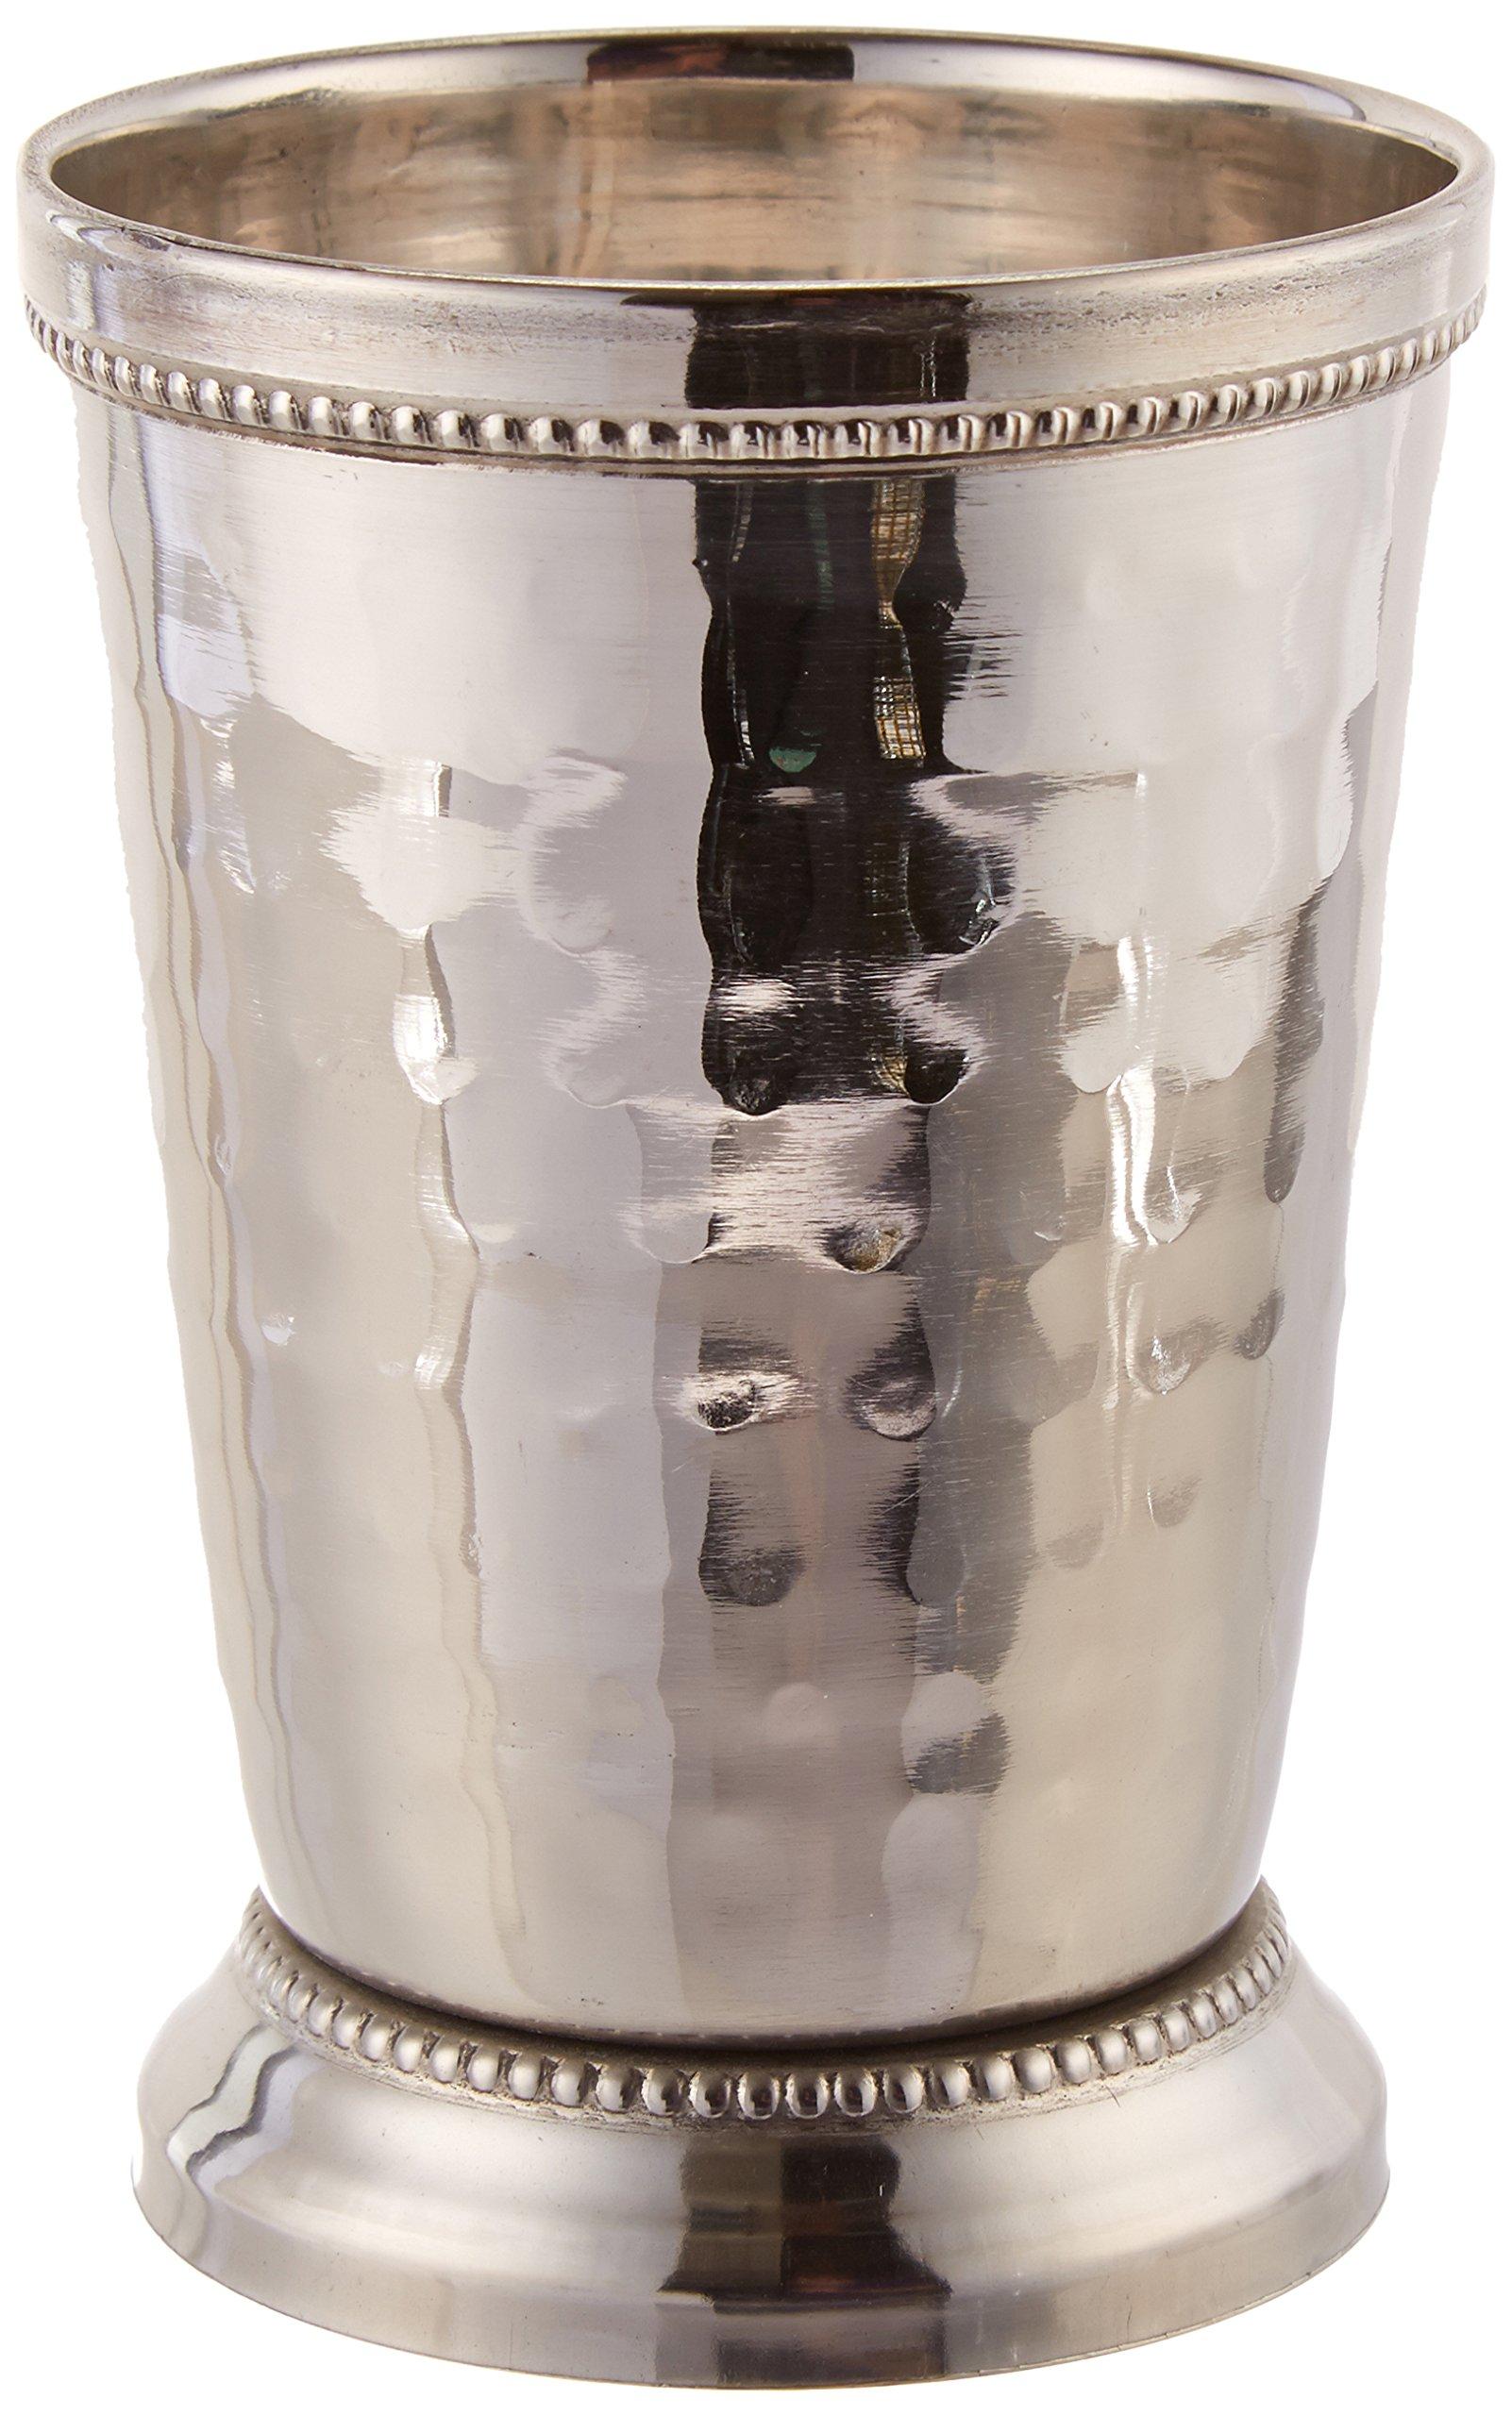 Elegance 12 oz Hammered Mint Julep Cup, Large, Silver by Elegance (Image #1)